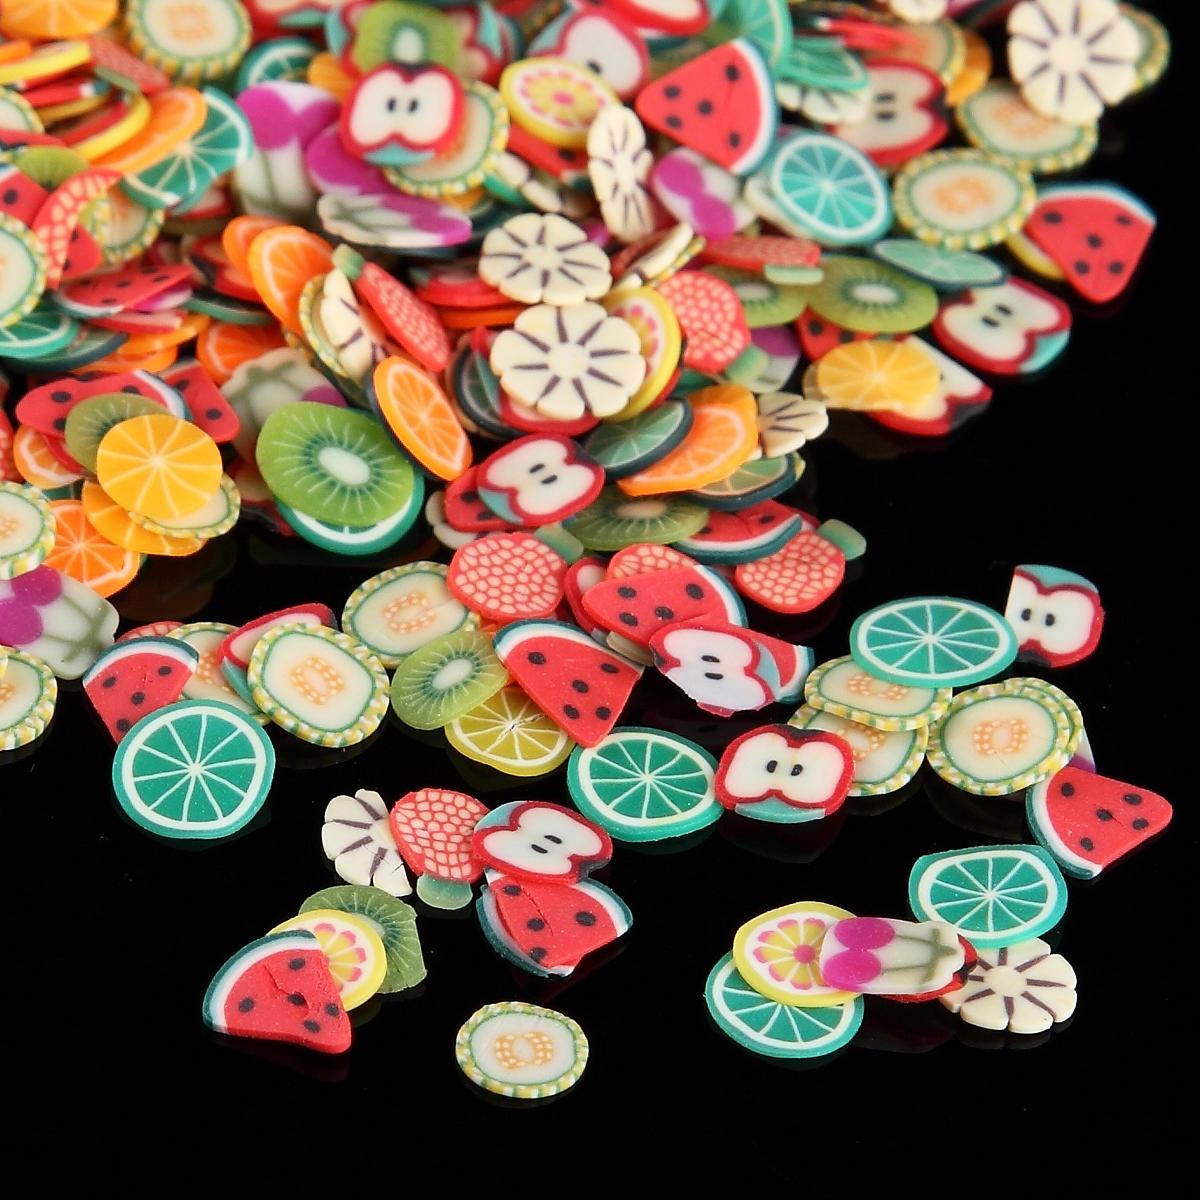 1000 Pcs / Sac Nail Art Polymer Clay Canes Fruits tranche de fimo Ensemble Gel Polonais Conseils De Mode DIY Mignon Été Pastèque Décor Stickers Kit